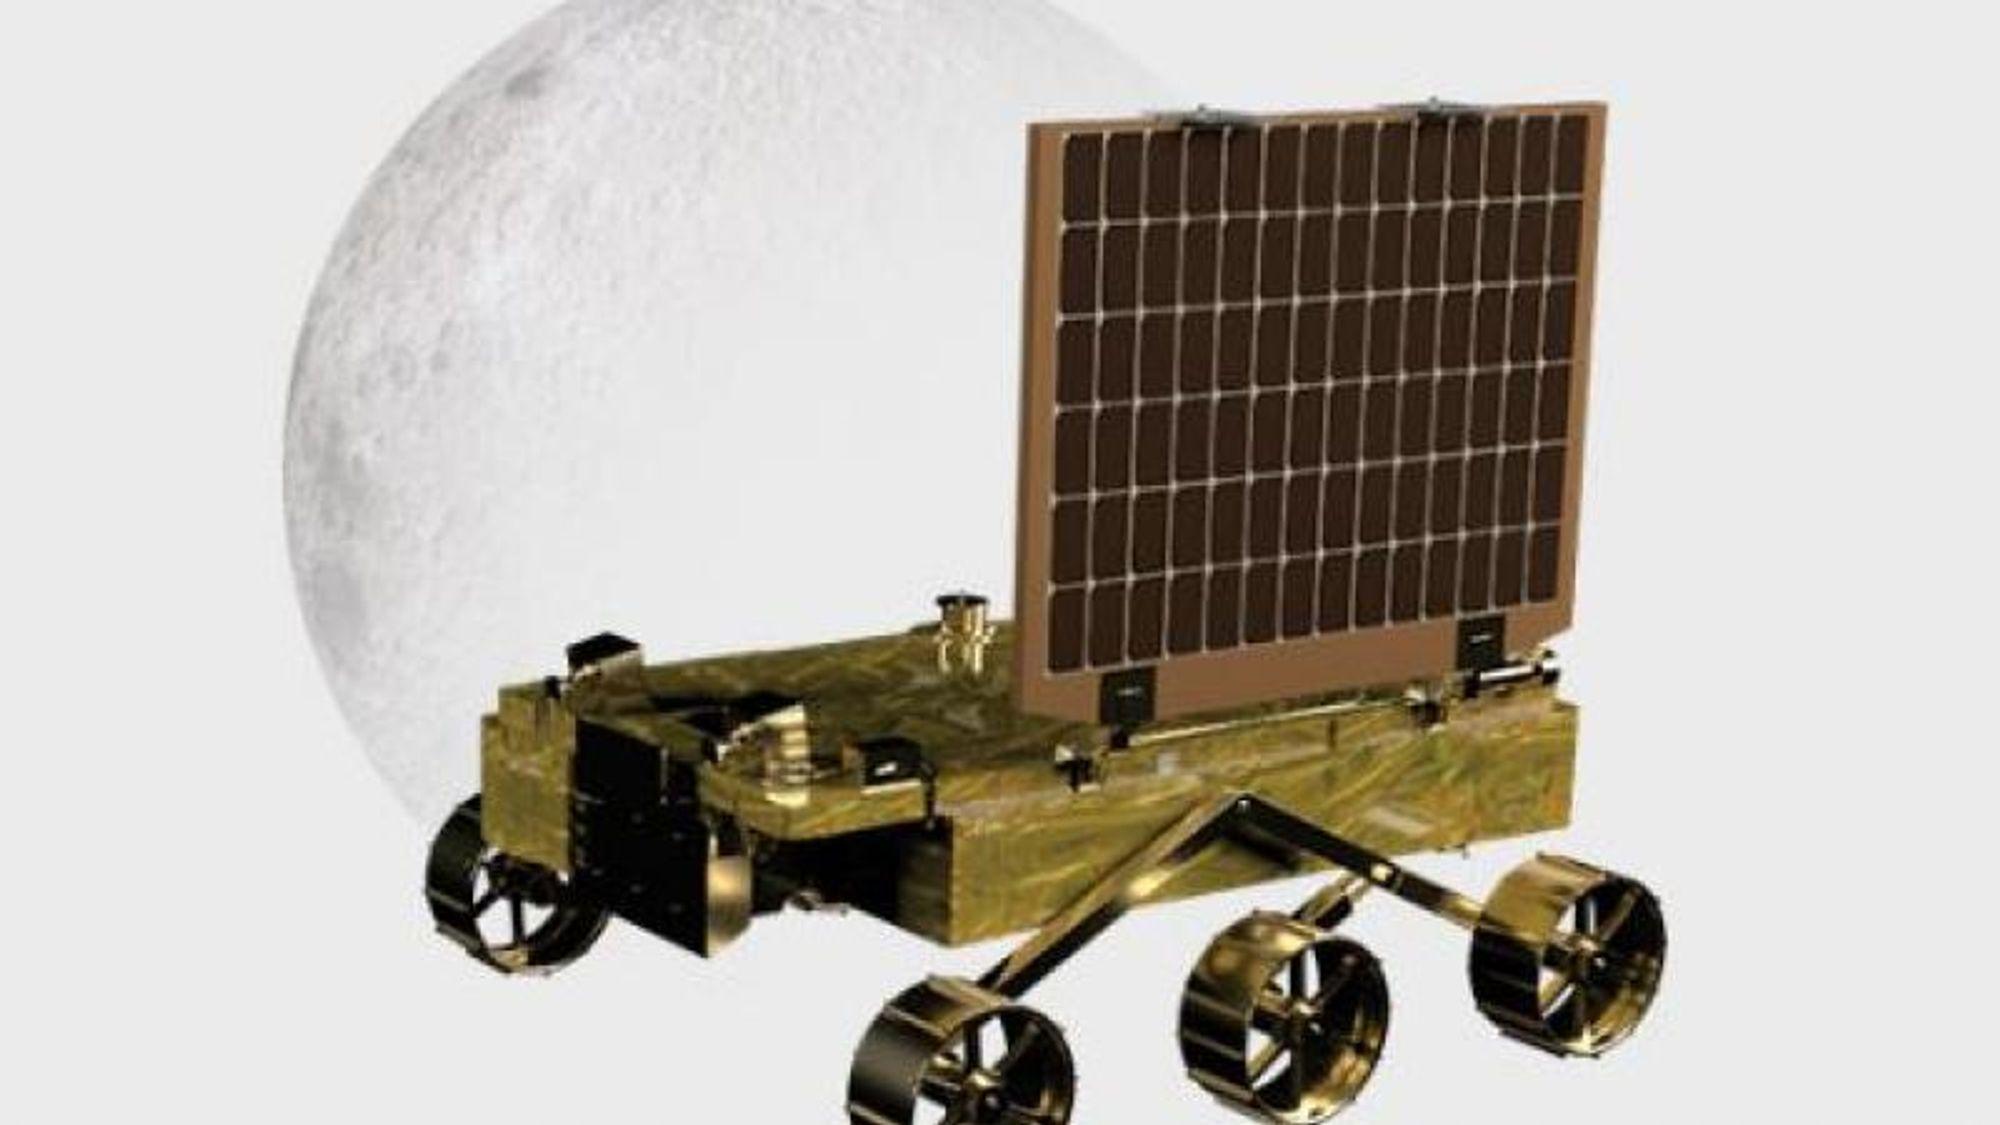 Slik ser roveren ut som skal inspisere sørpolen på Månen.